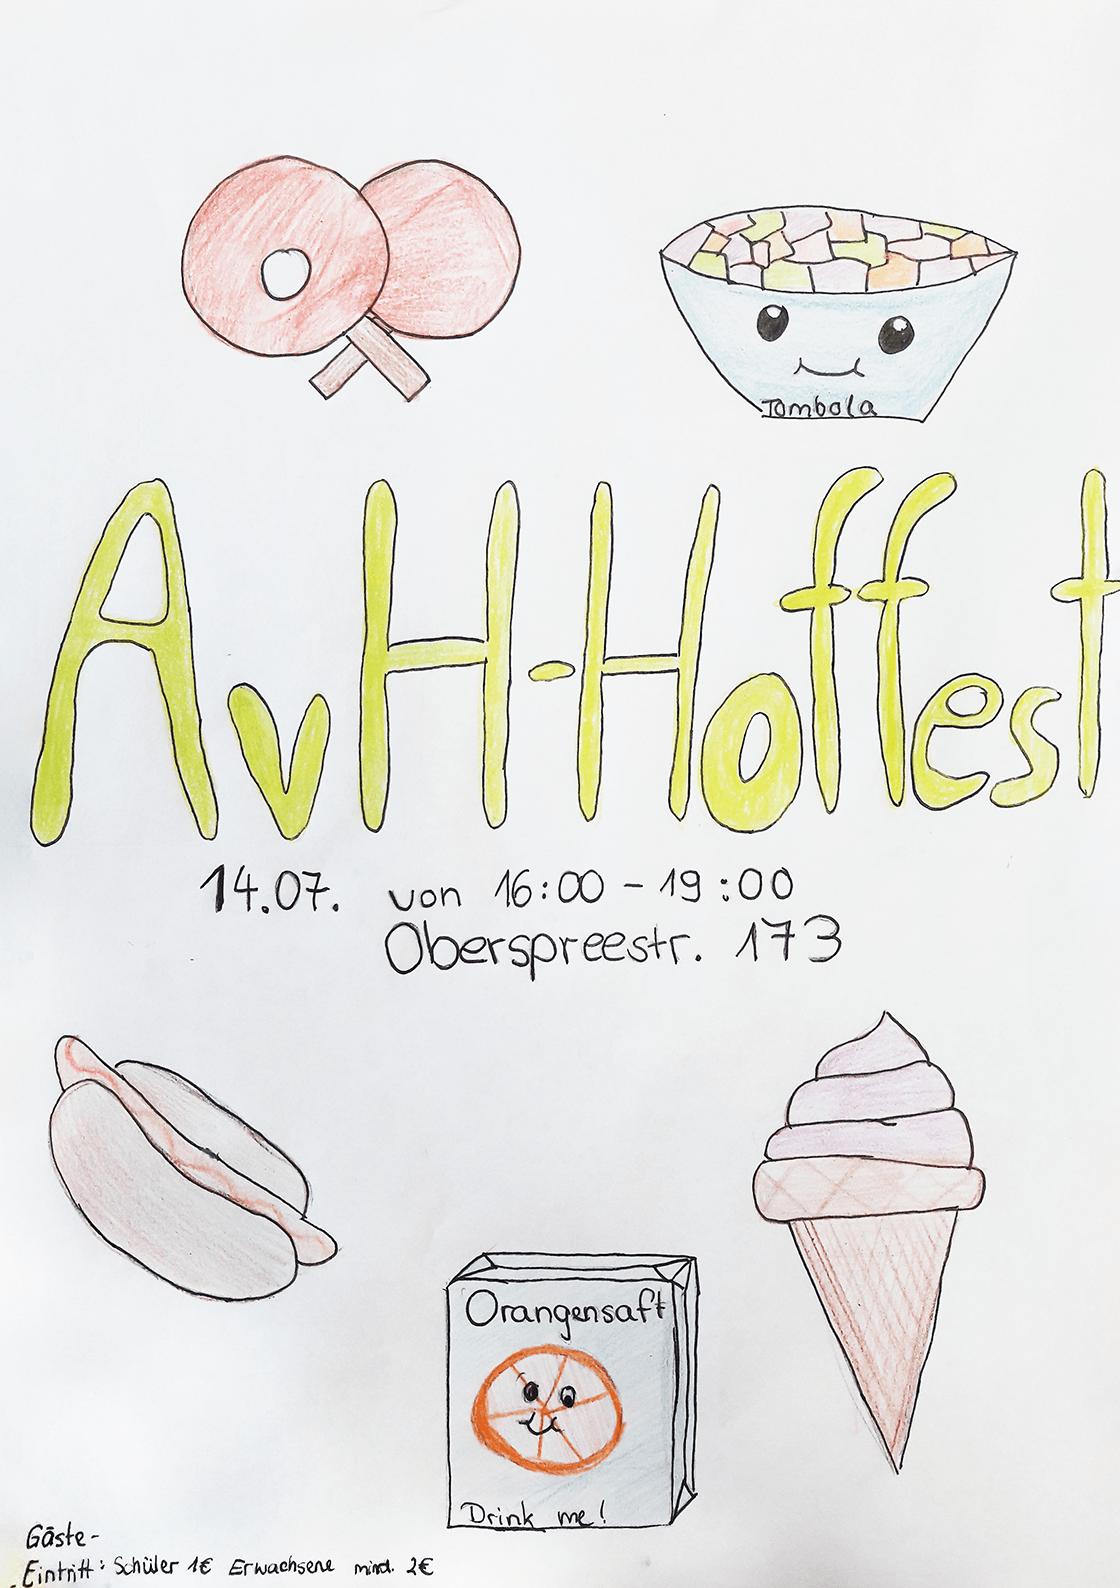 AVH-Hoffest 2017